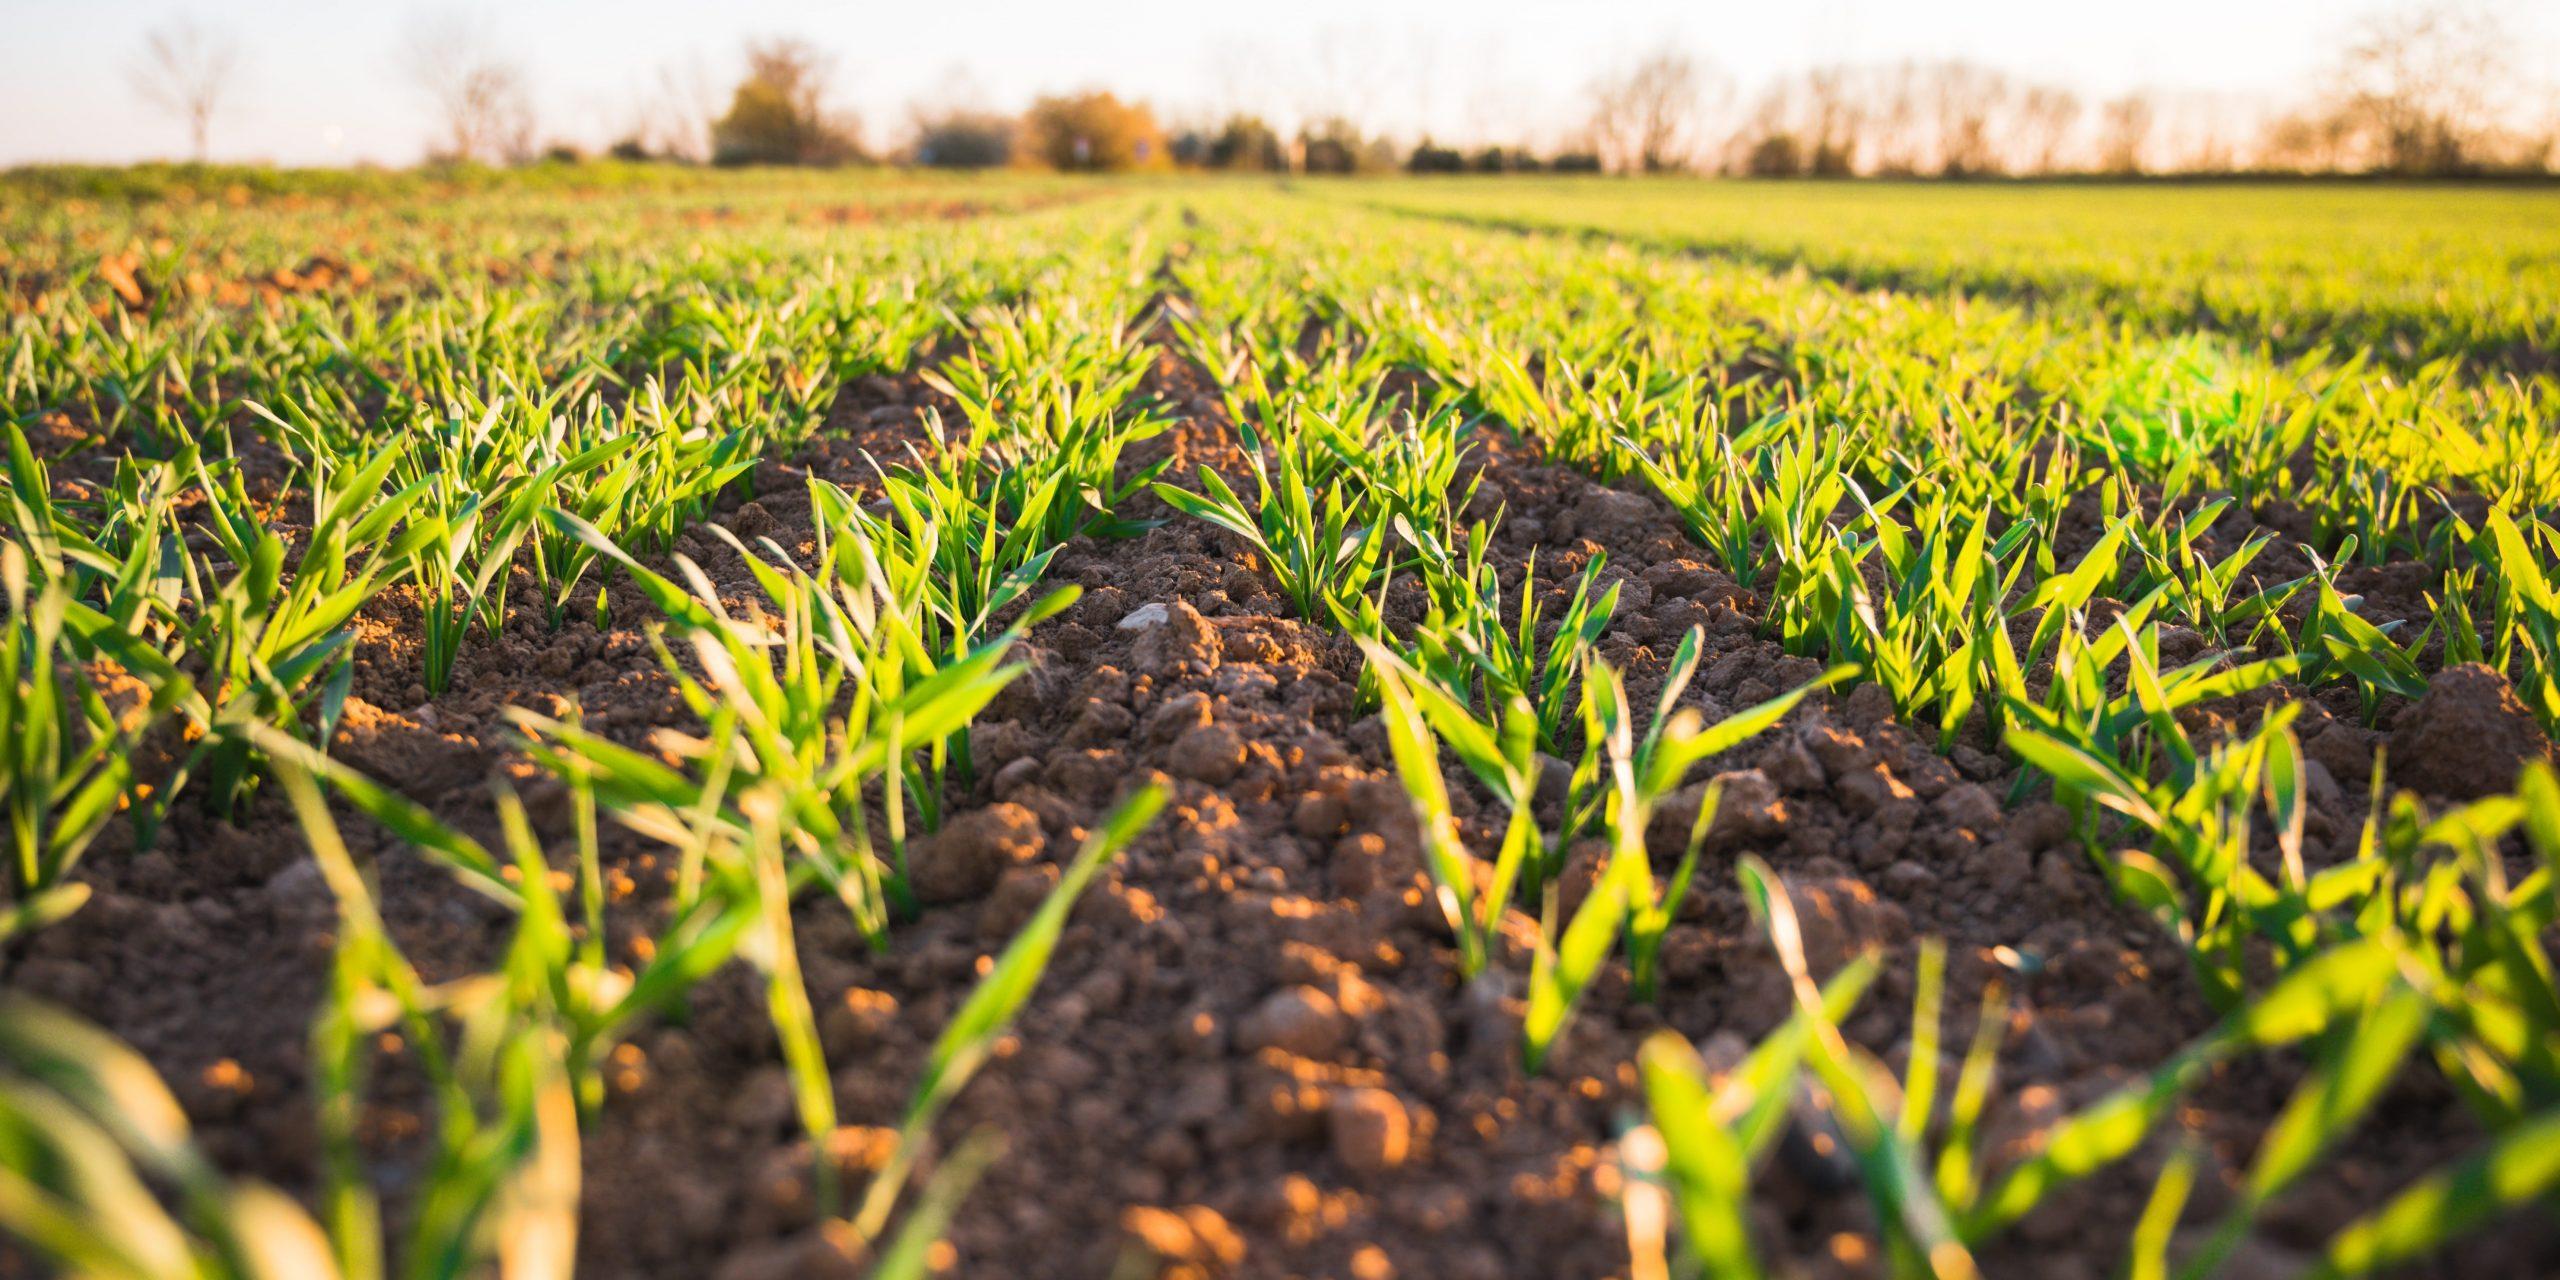 Комплексный подход к цифровизации сельского хозяйства представлен на международном форуме